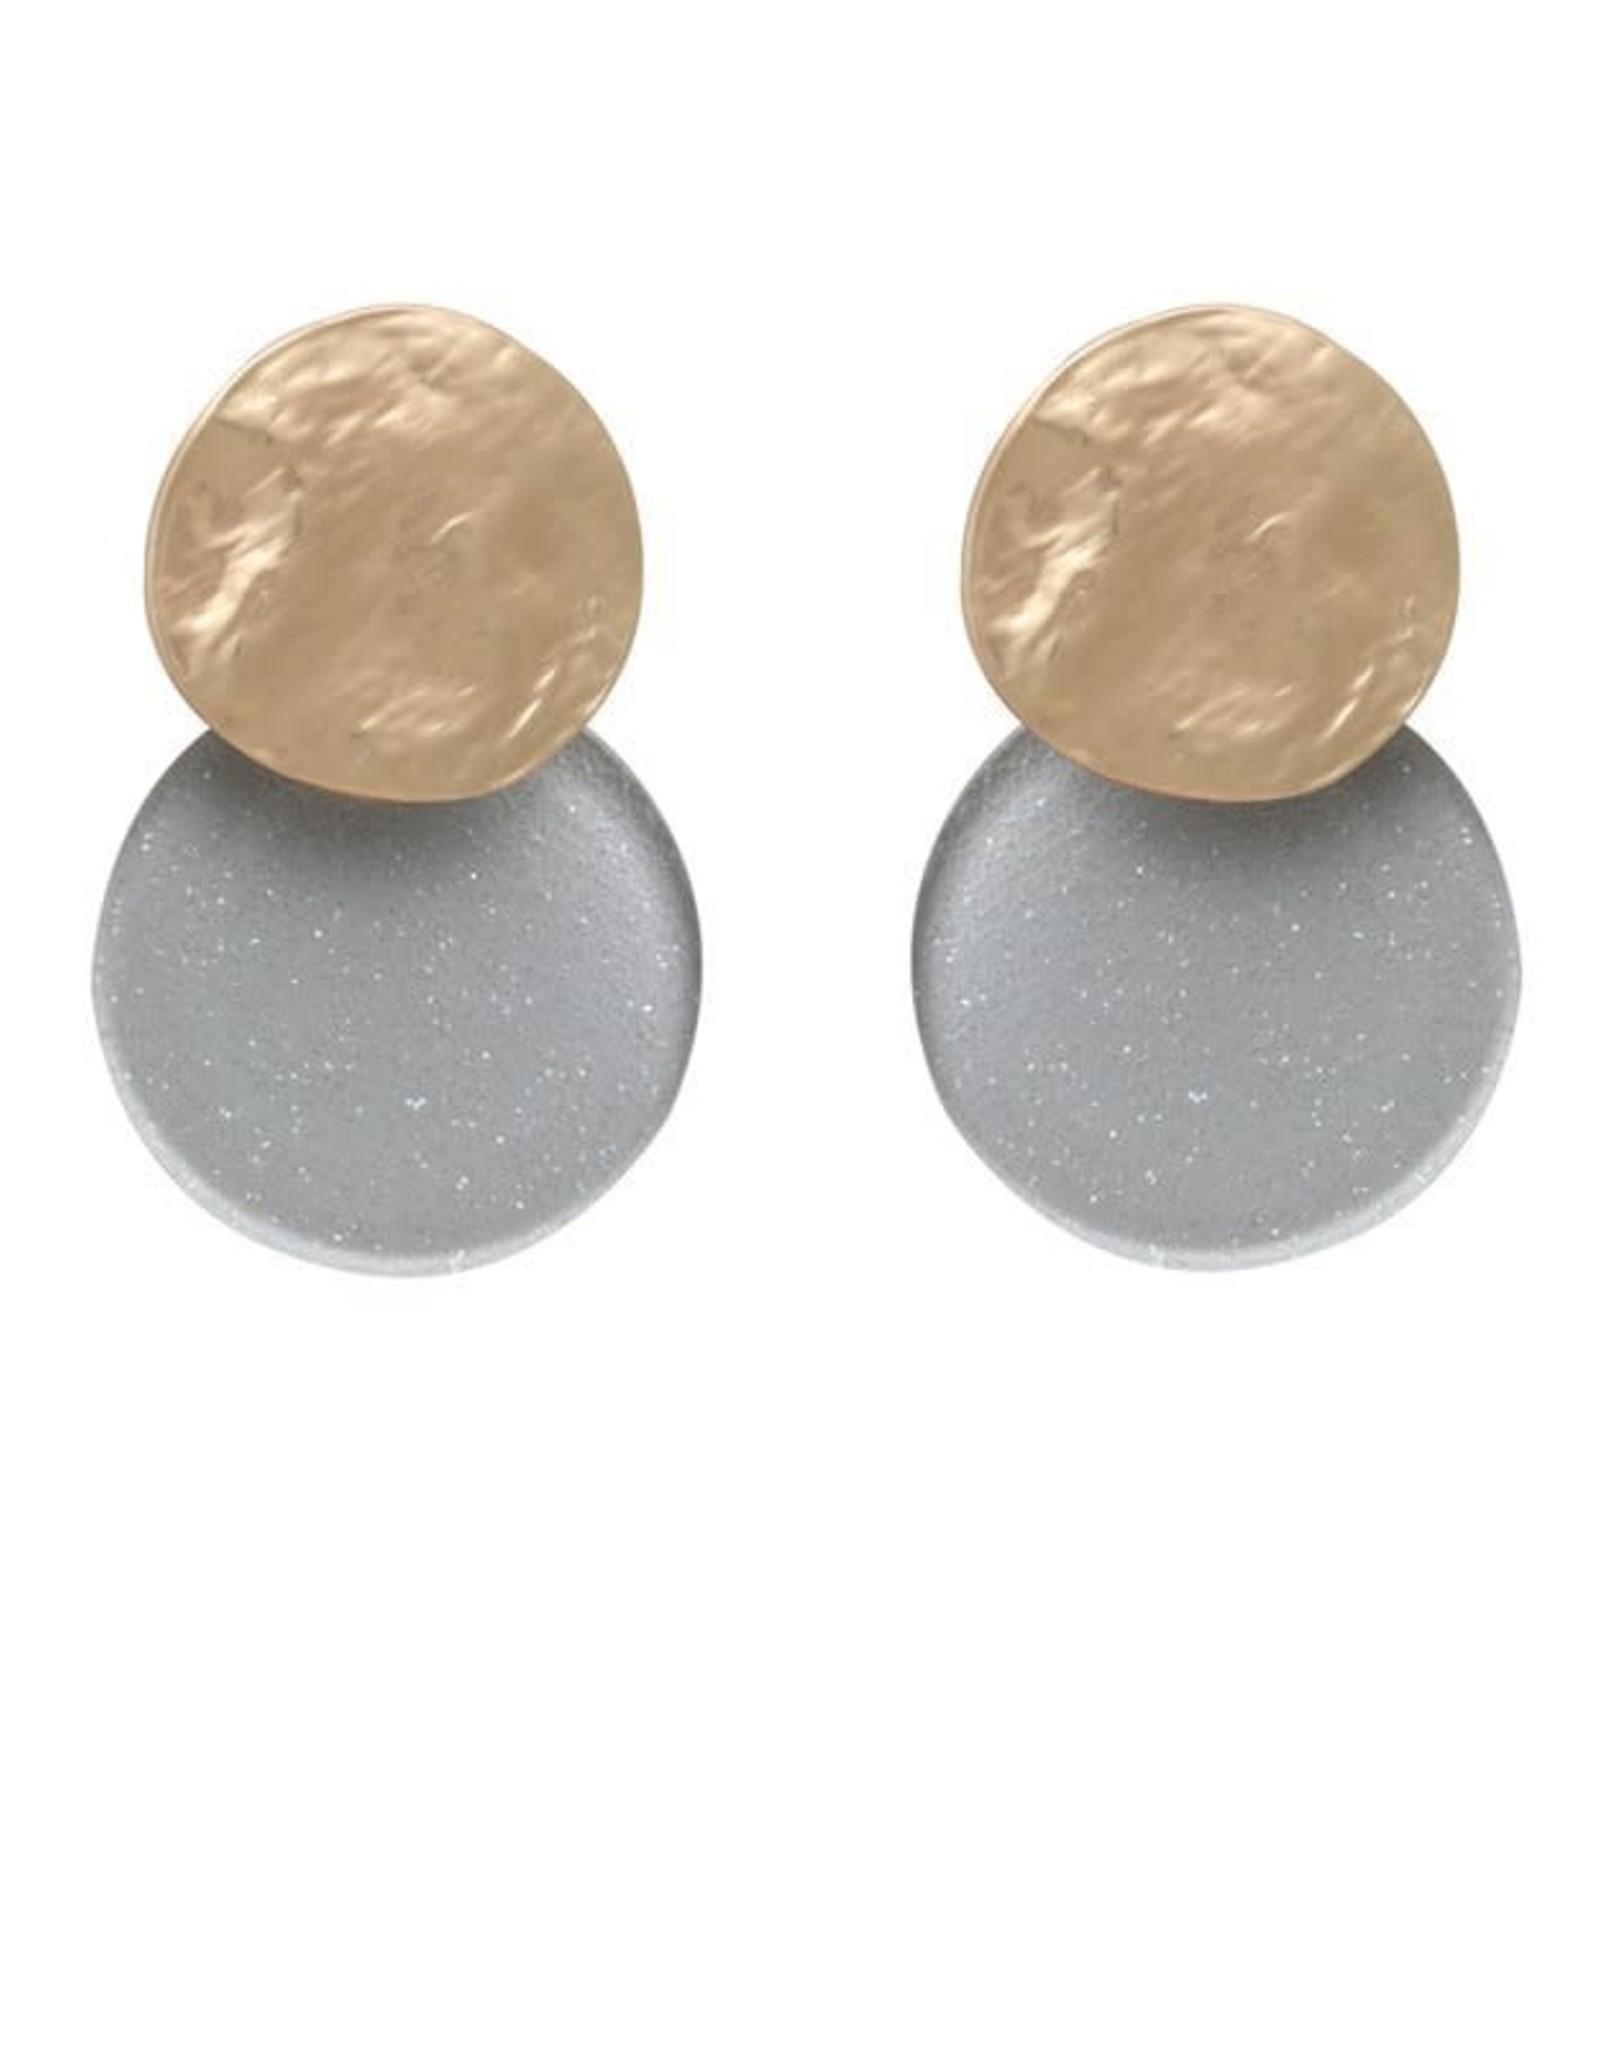 Biba Biba cirkel mini grijs met glitters